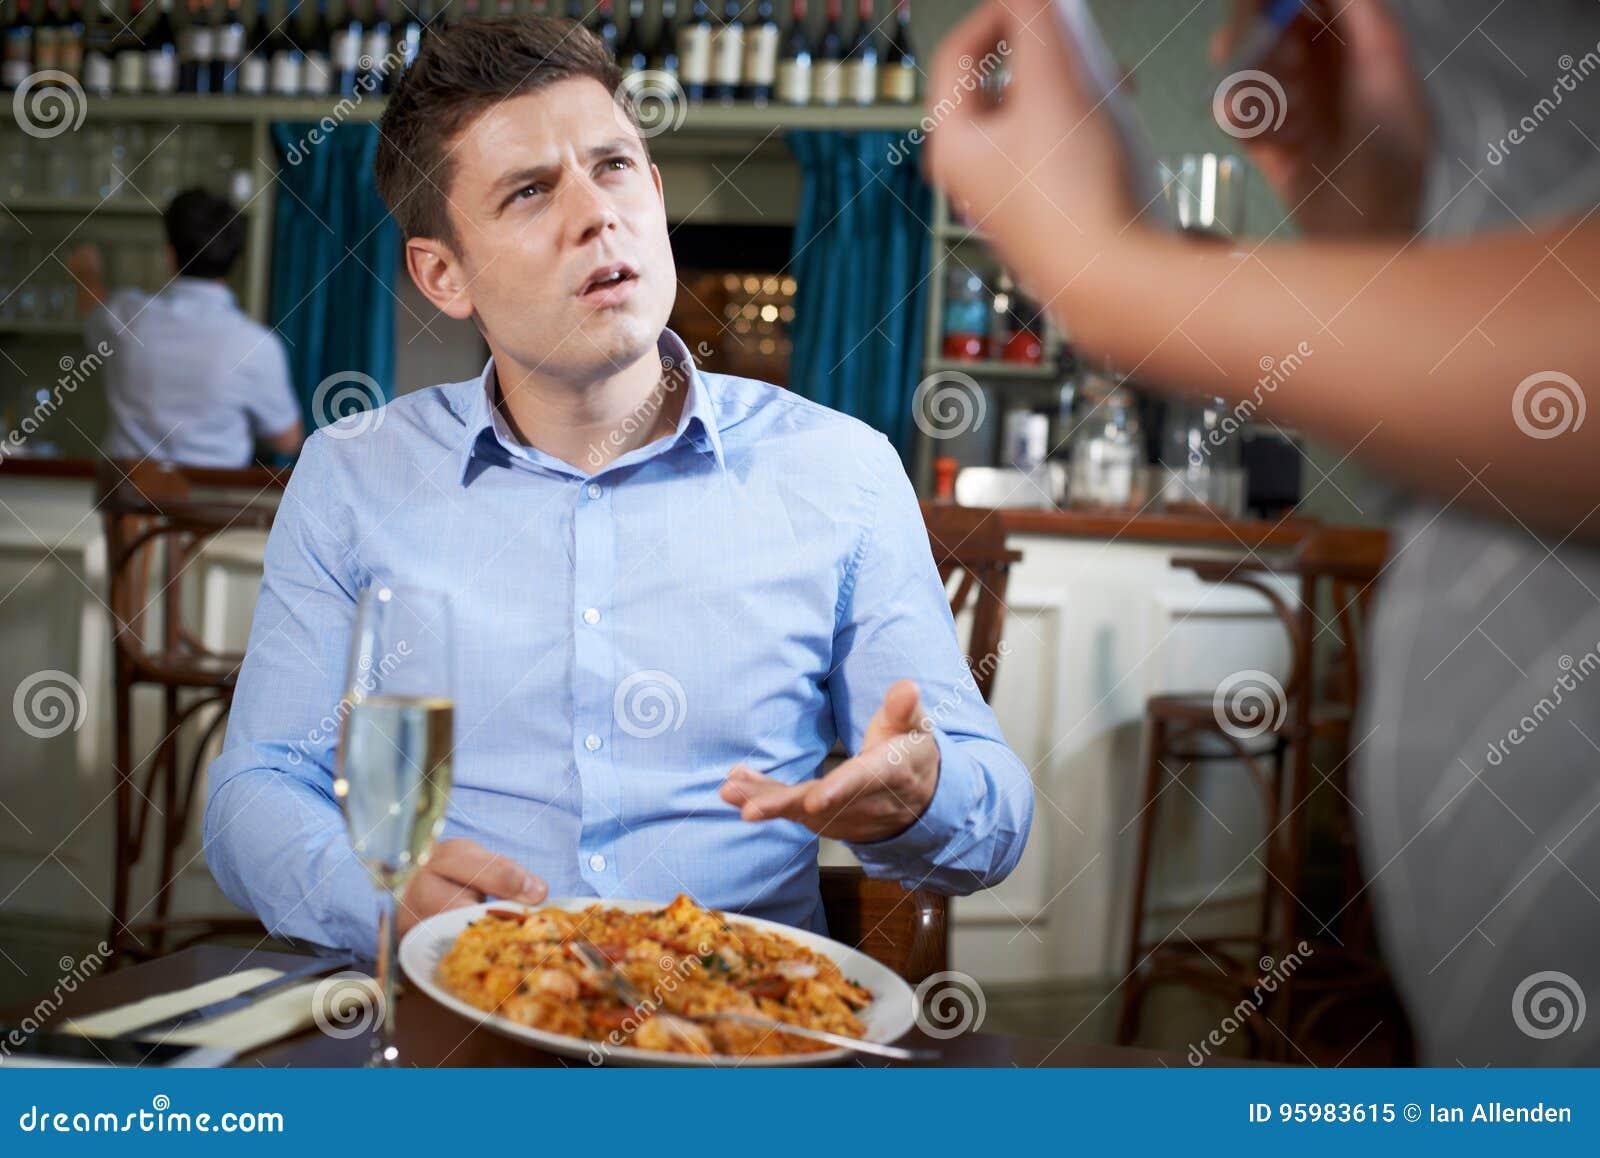 Cliente in ristorante che sporge querela alla cameriera di bar About Food